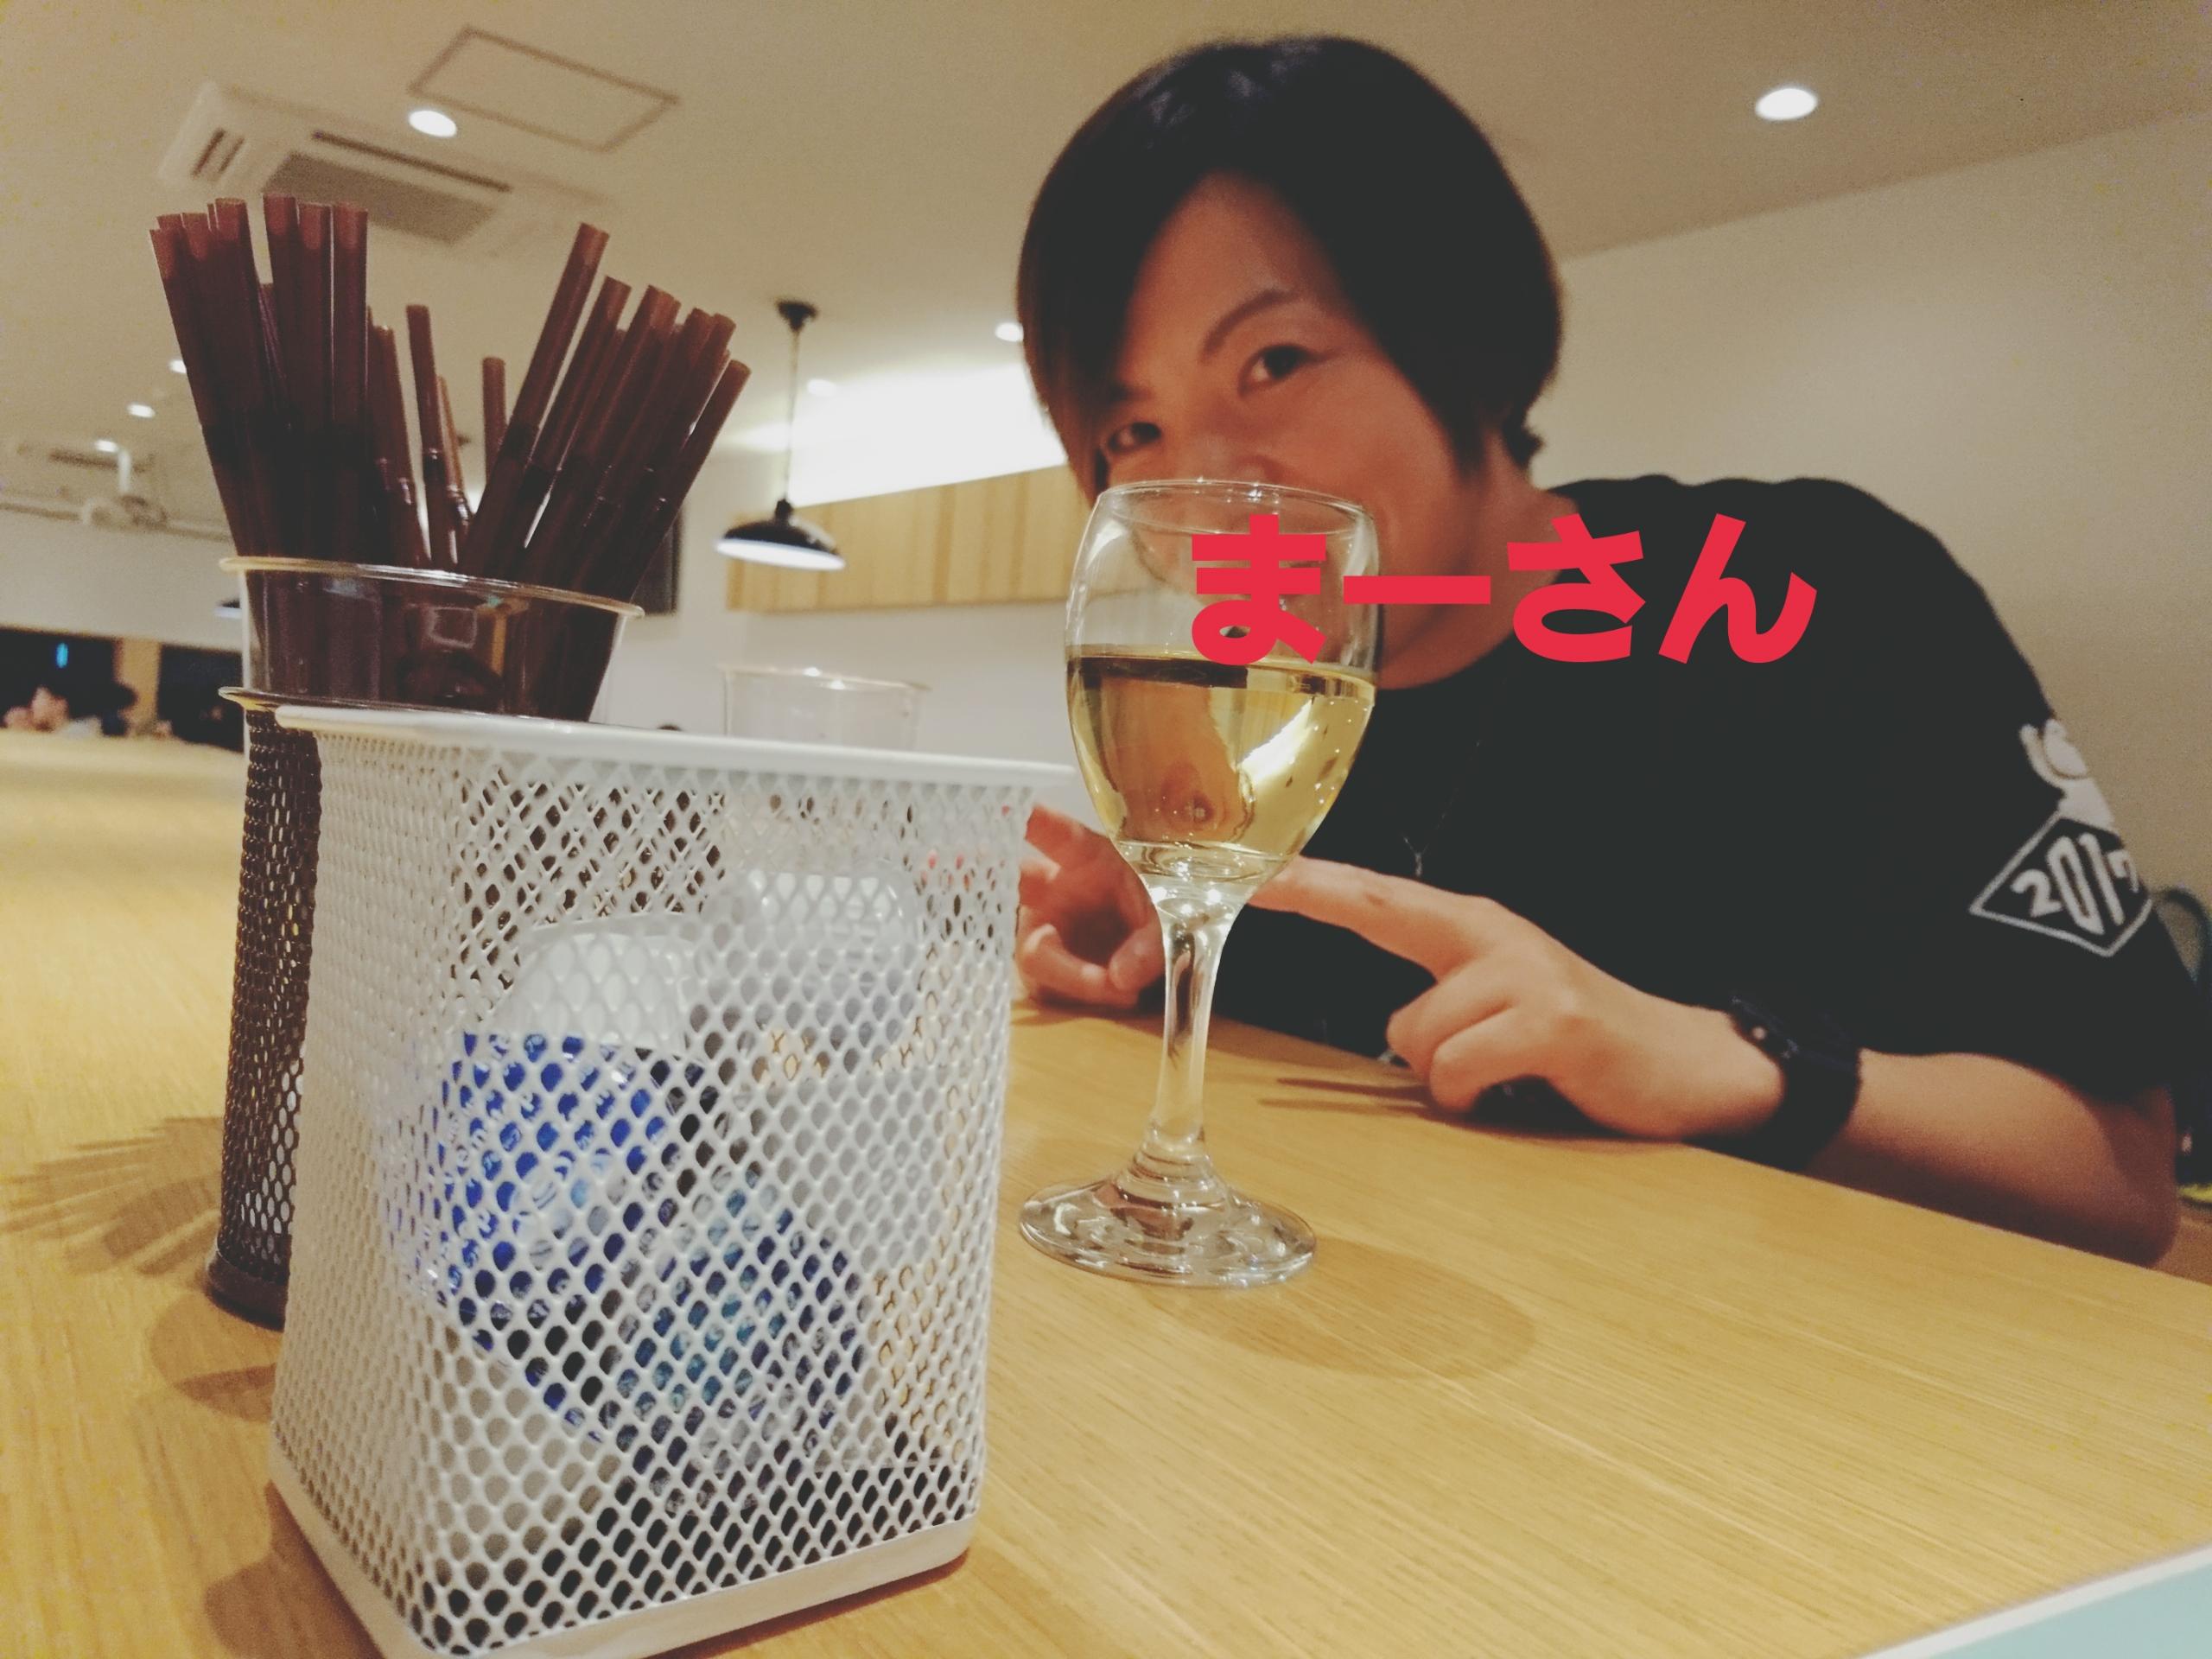 【オフ会live】大阪オフ会の席替えは…?